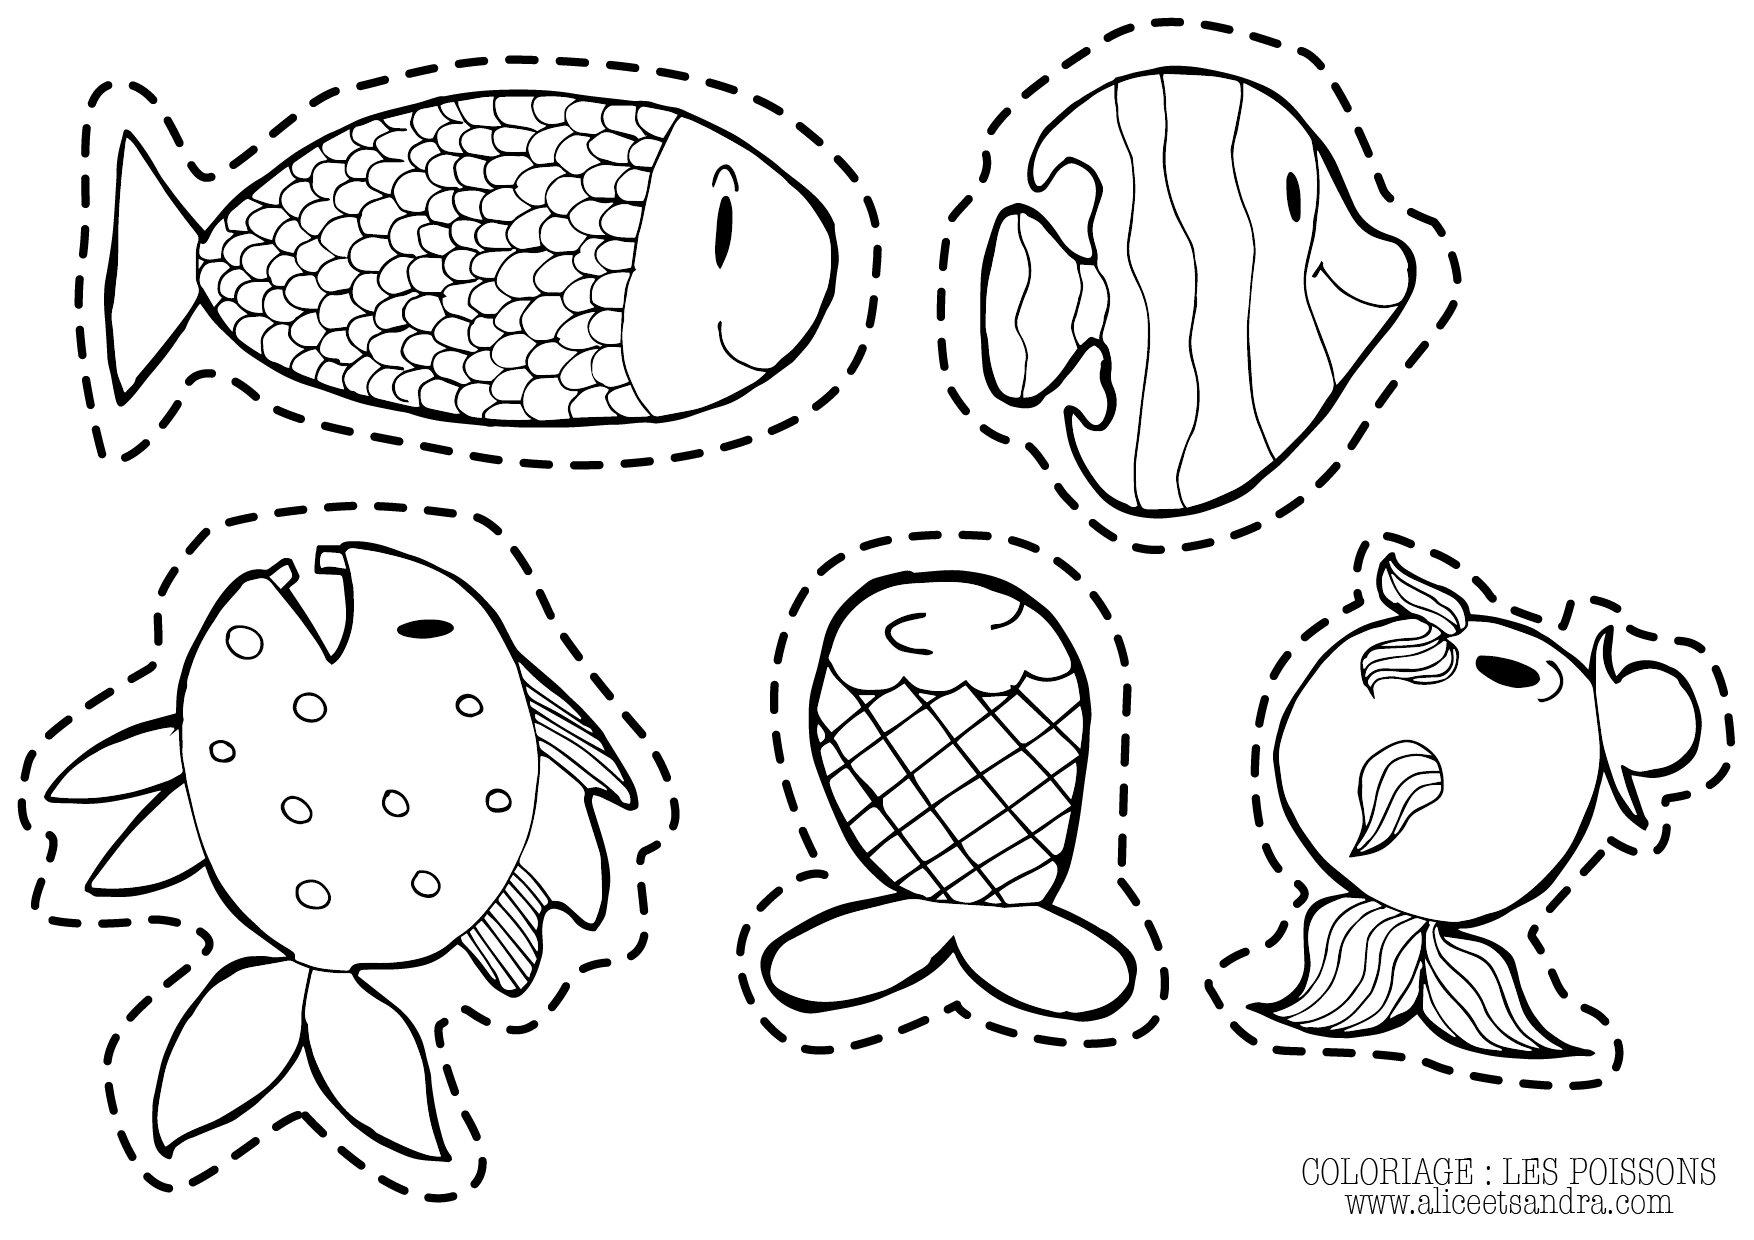 Coloriage imprimer poisson d avril alice sandra - Dessin poisson ...